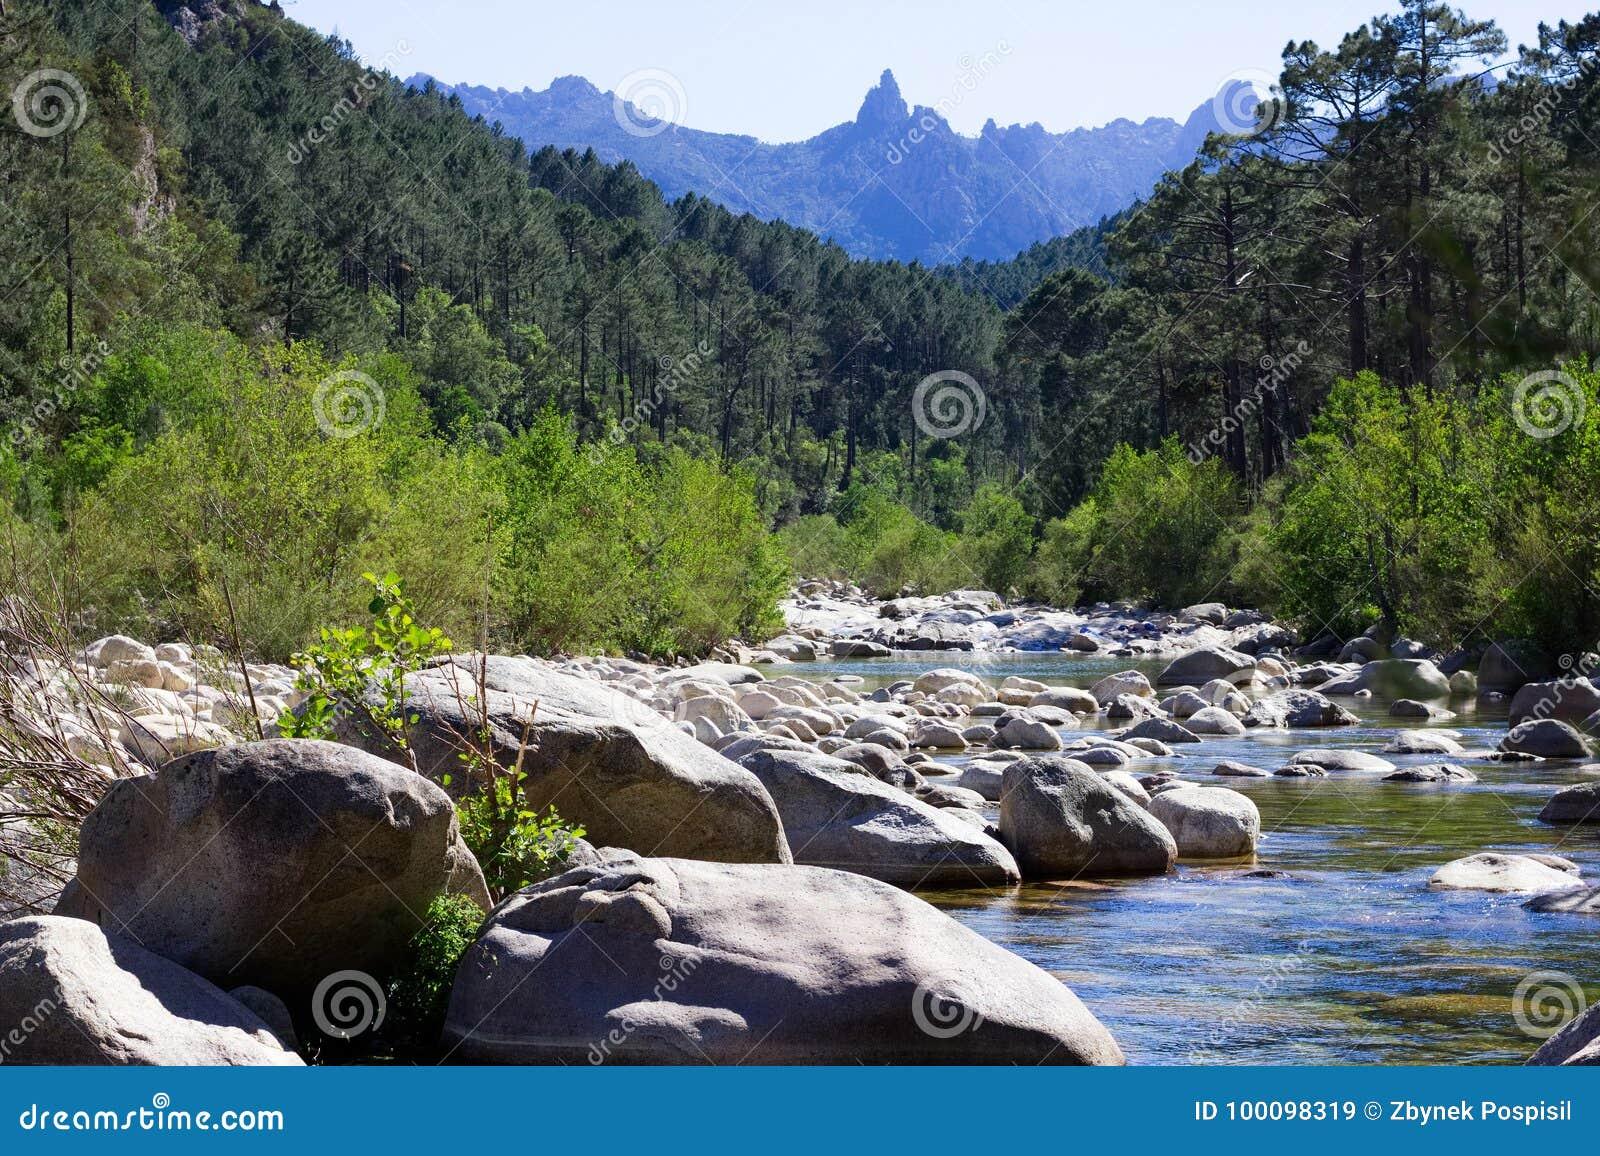 Small river in rocky hills in Col de Bavella mountains, Corsica